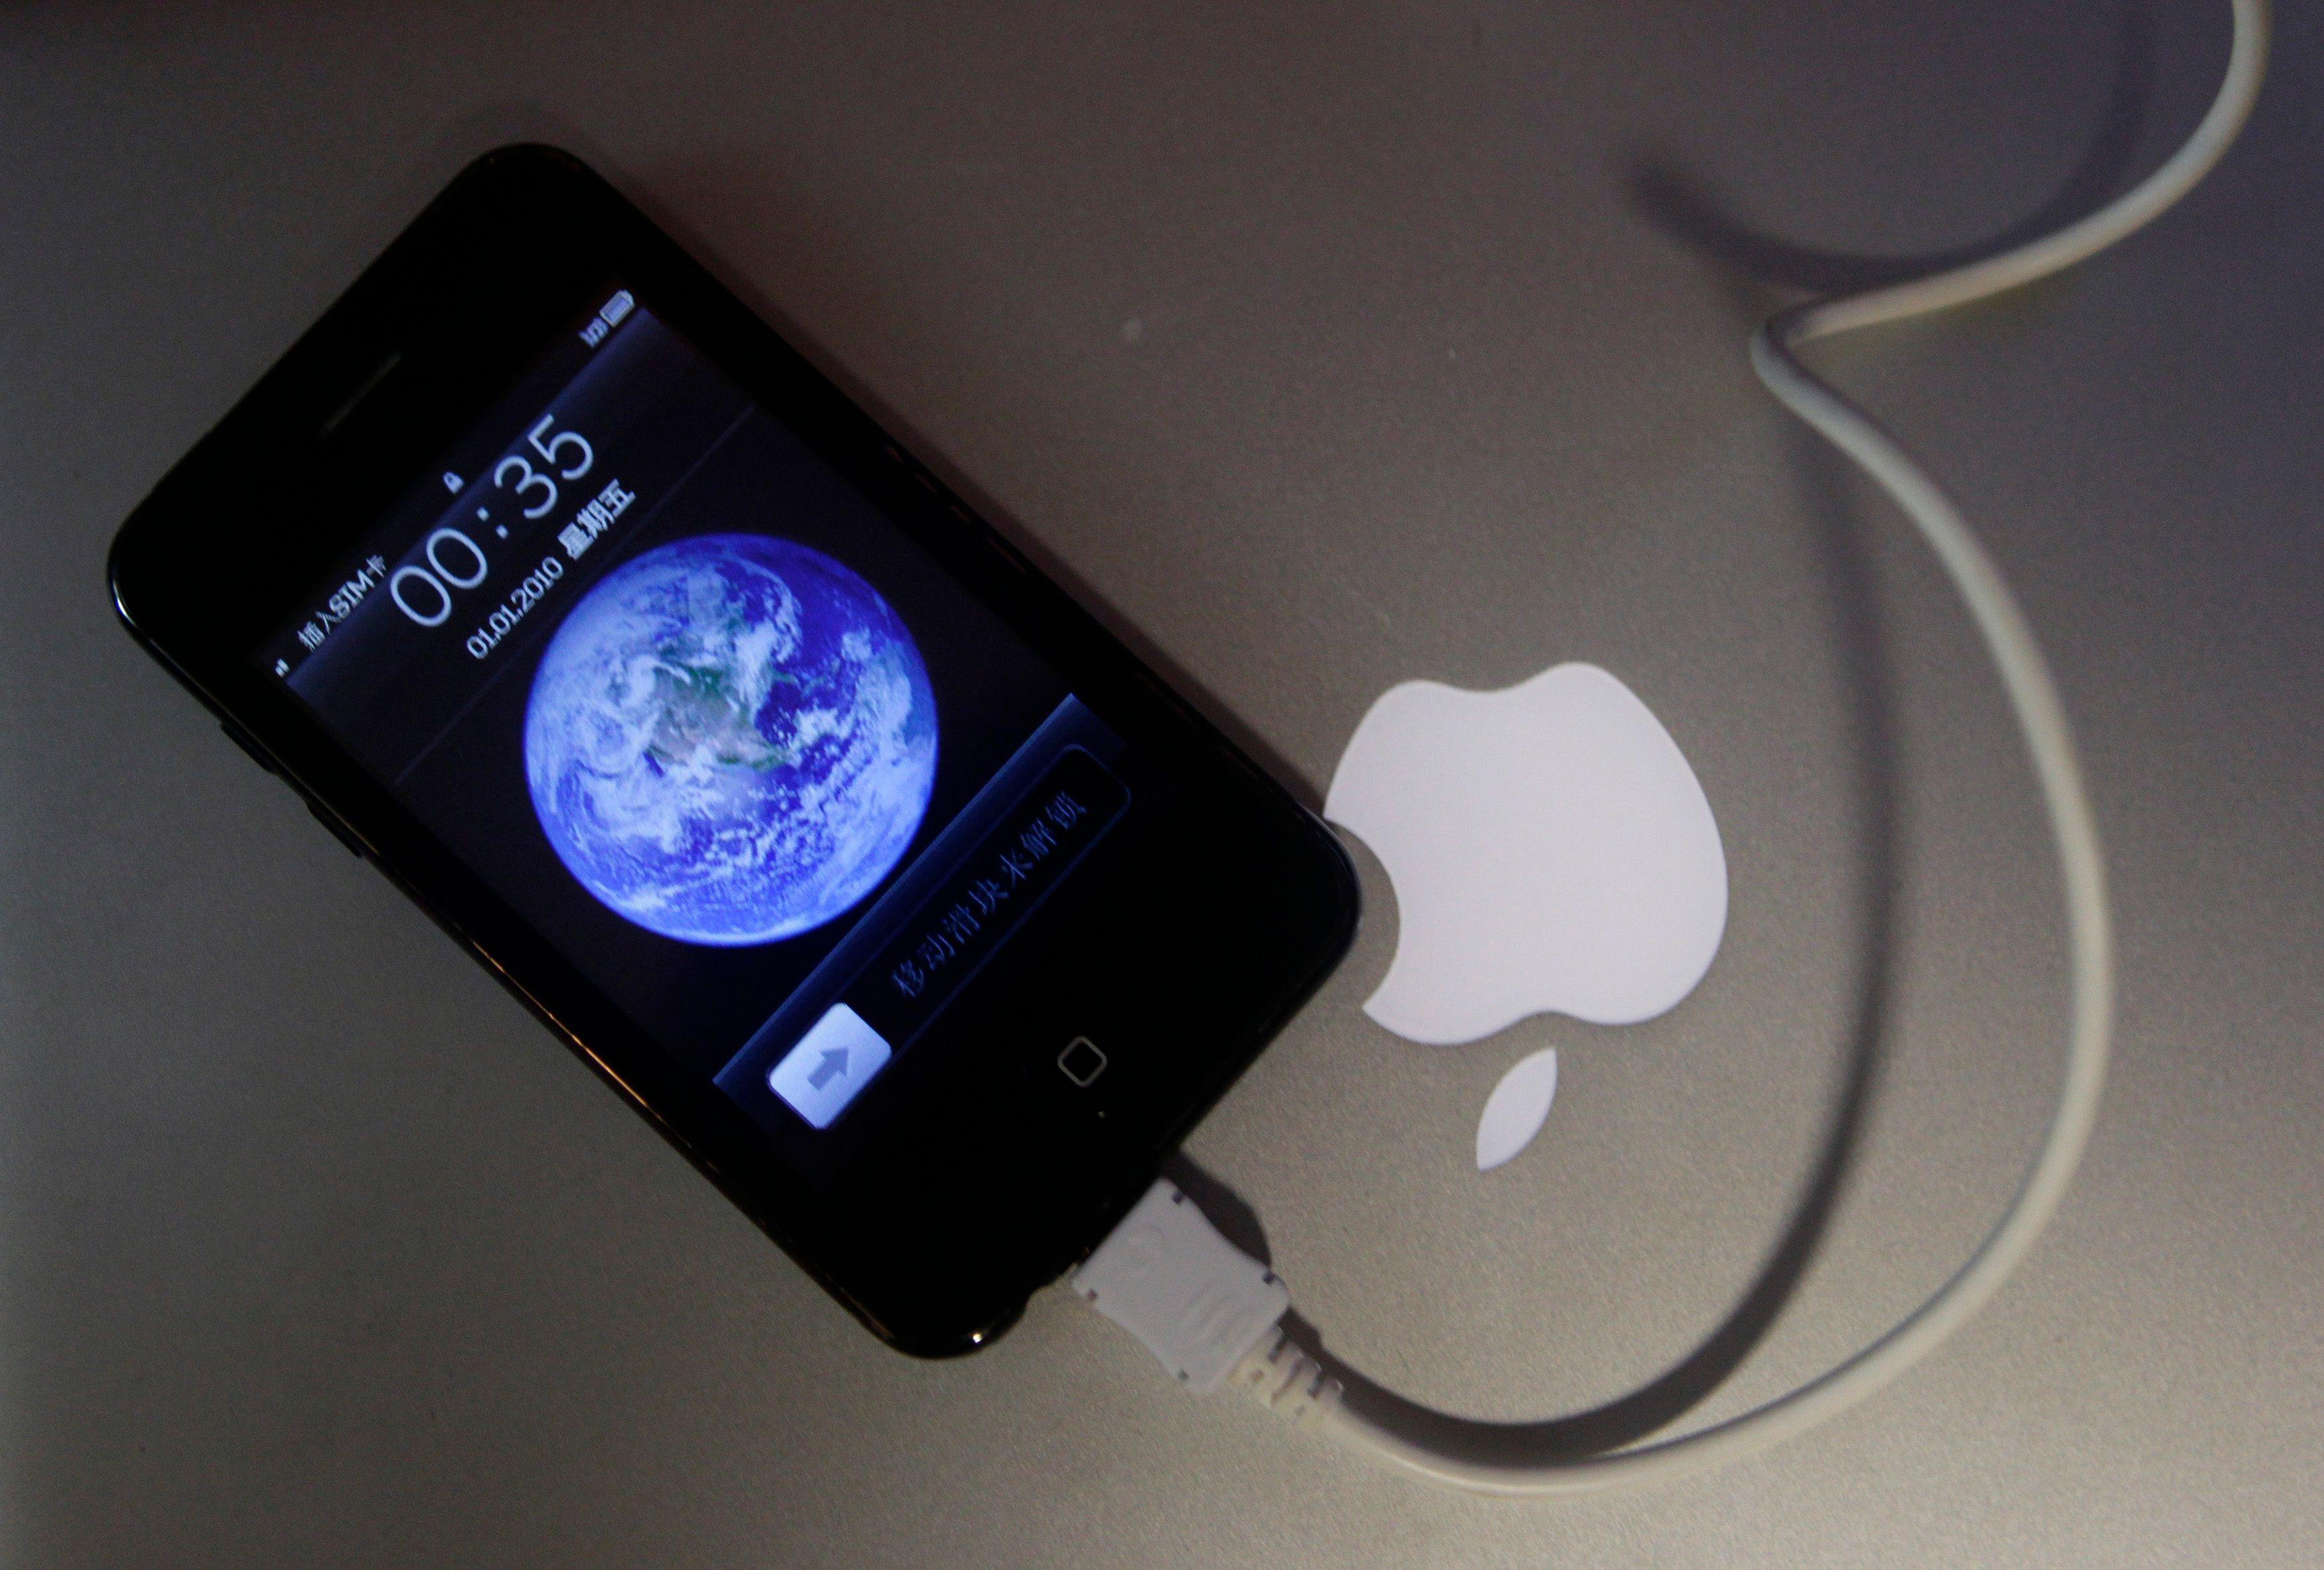 Les chargeurs seront bientôt universels pour les téléphones portables.